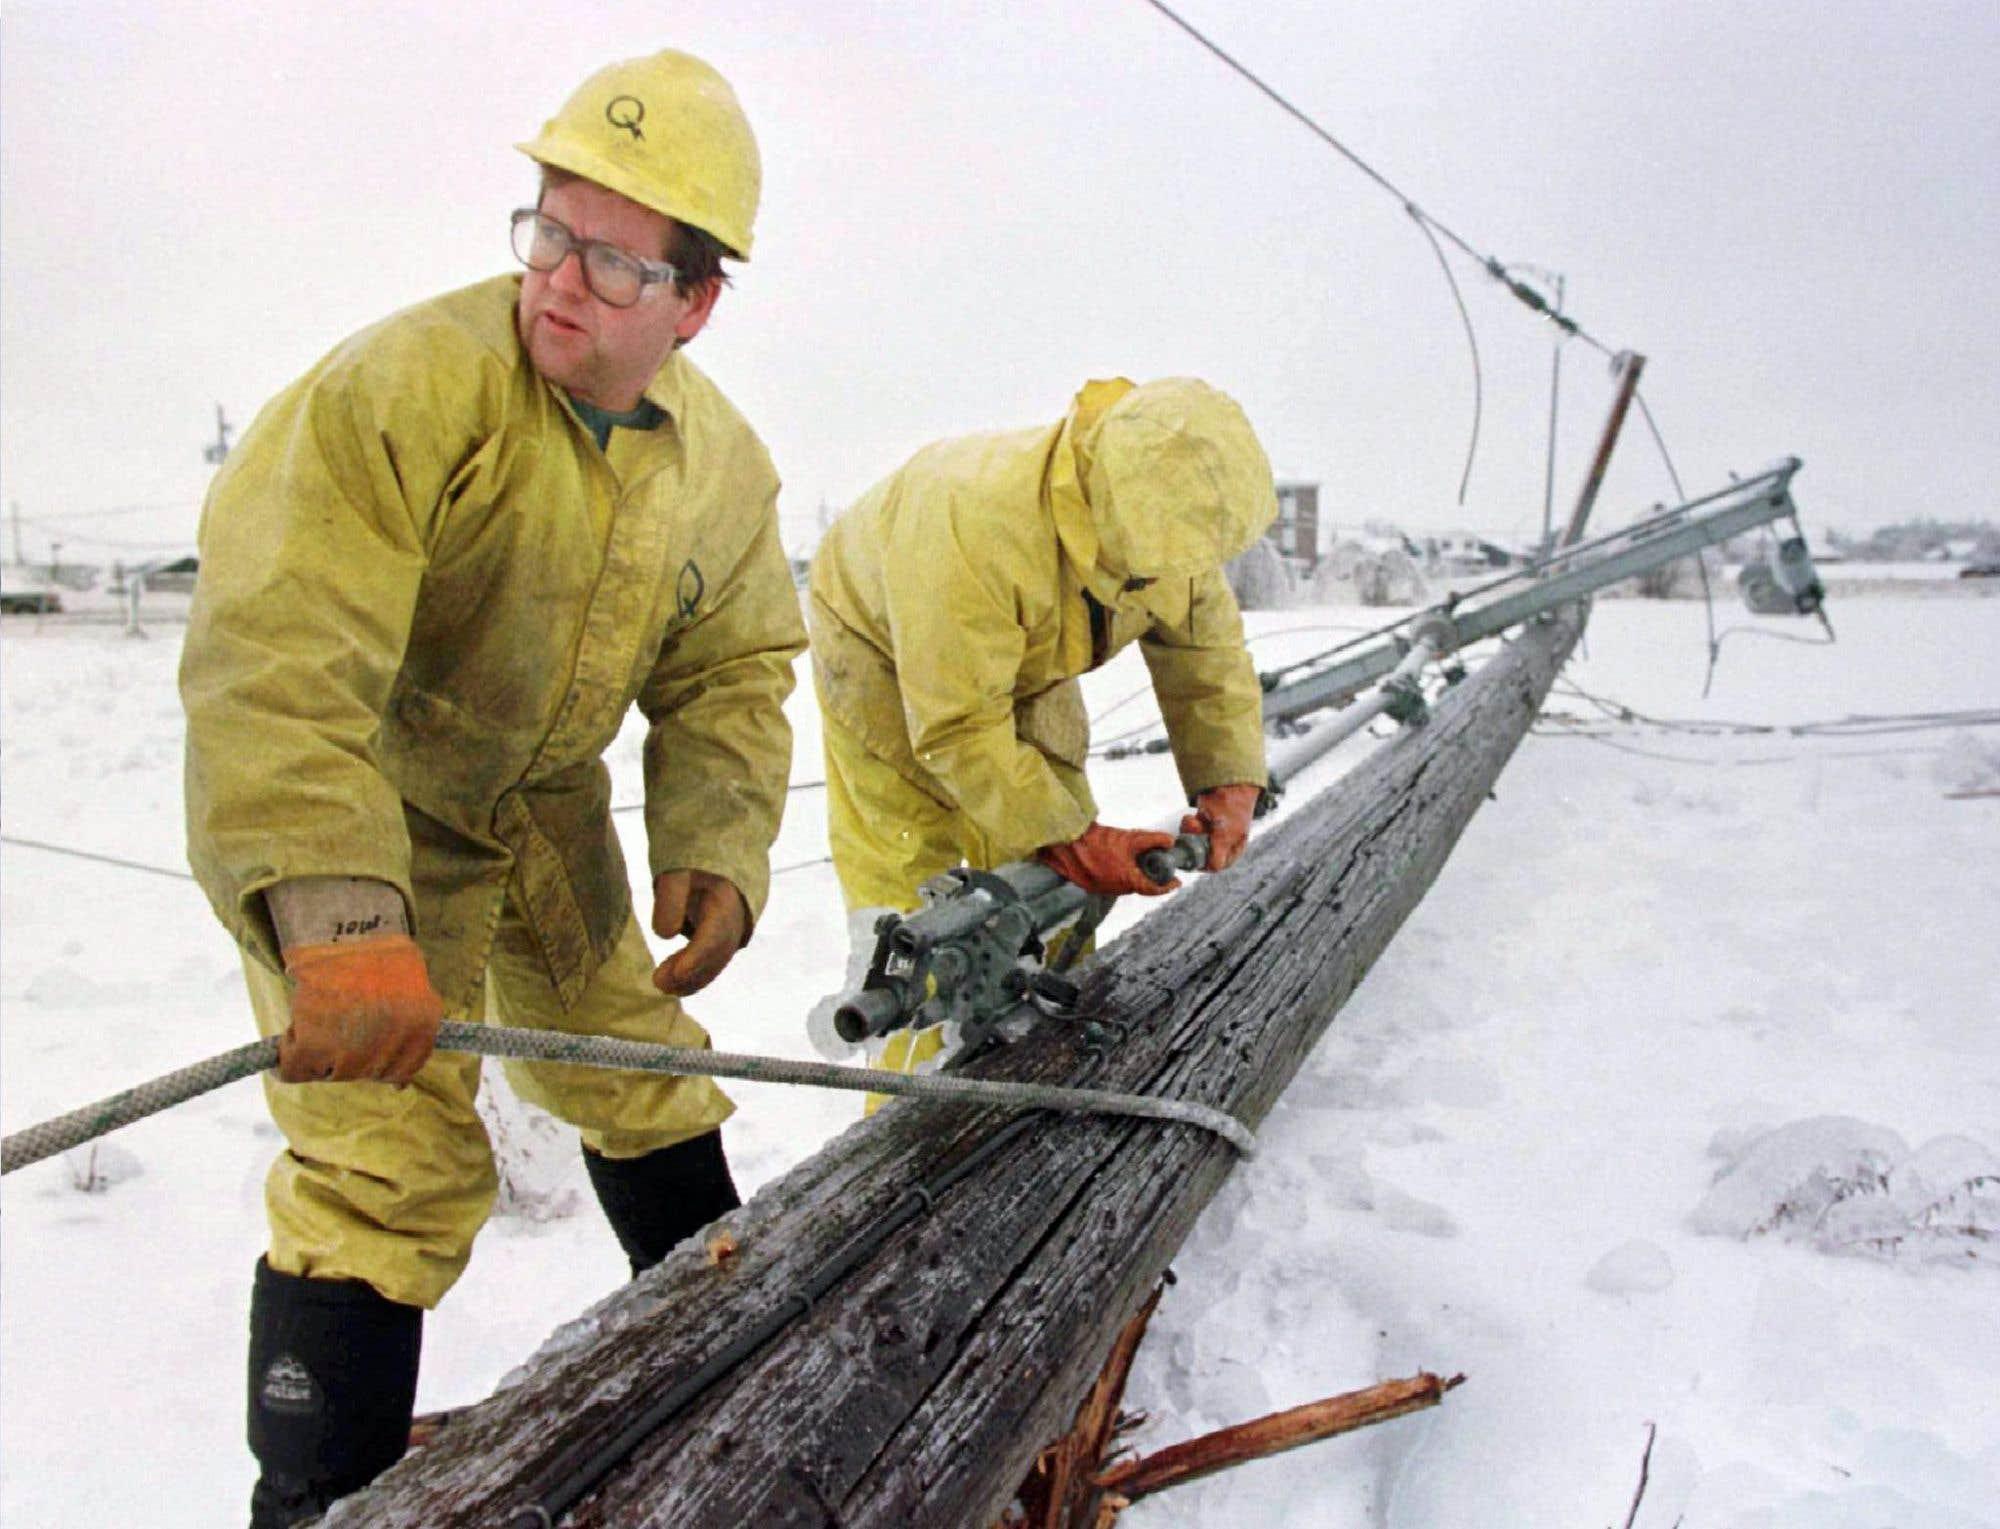 Des employés d'Hydro-Québec réparent un poteau électrique projeté au sol en raison du verglas. Au terme de la tempête, 16000poteaux comme celui-ci se sont effondrés.